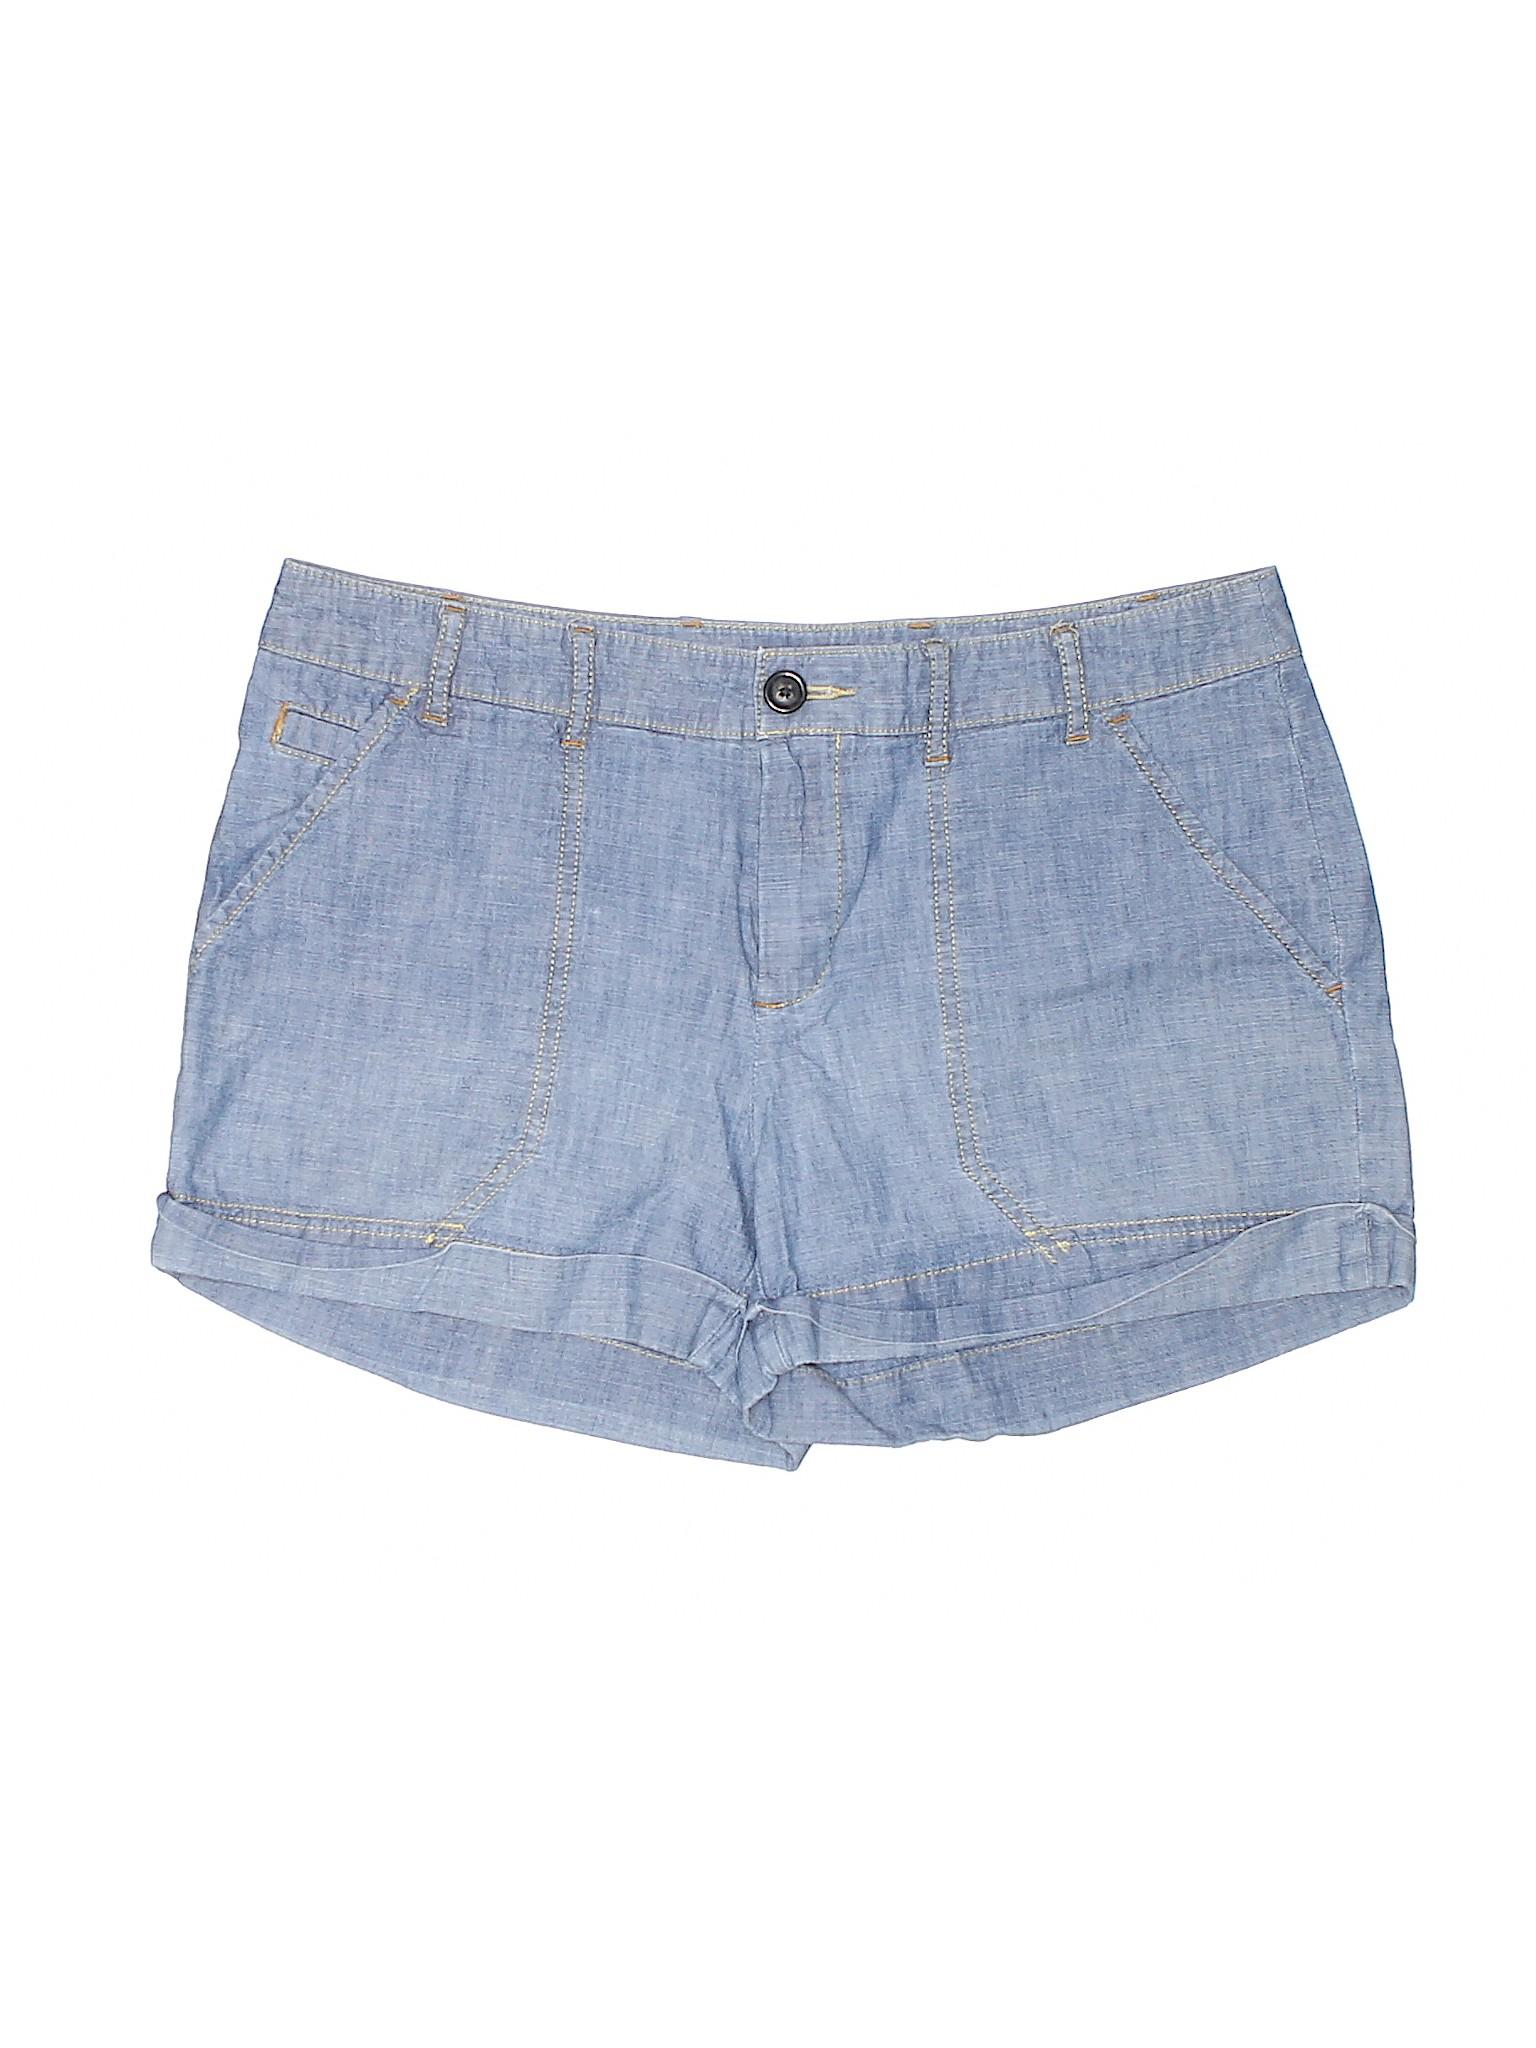 Boutique winter Gap Khaki Boutique Shorts winter v5q7wE8T